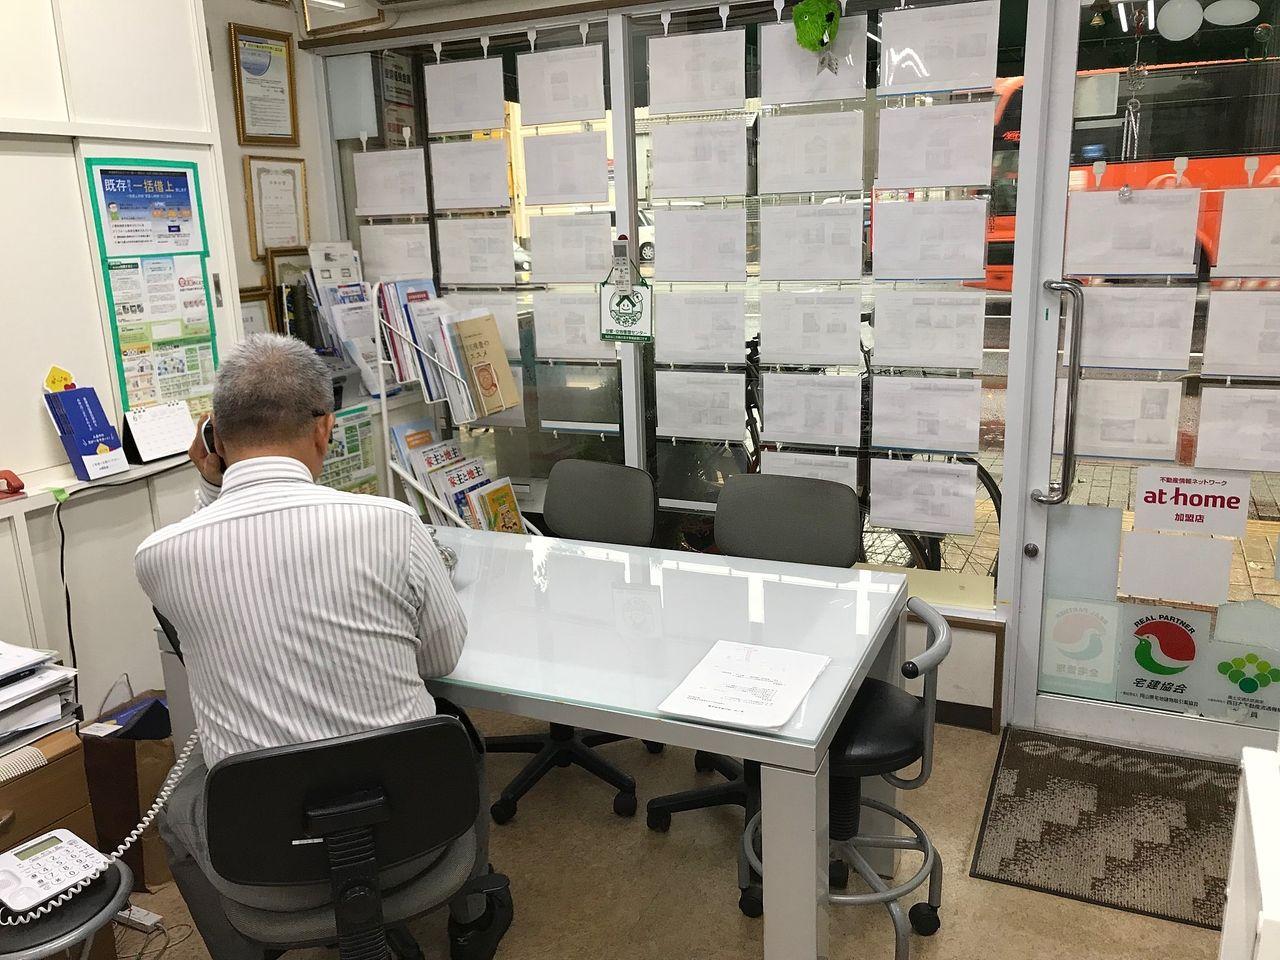 (有)ベスト・サービス社長 衣笠宏,ベストサービス代表,衣笠宏,きぬがさひろし